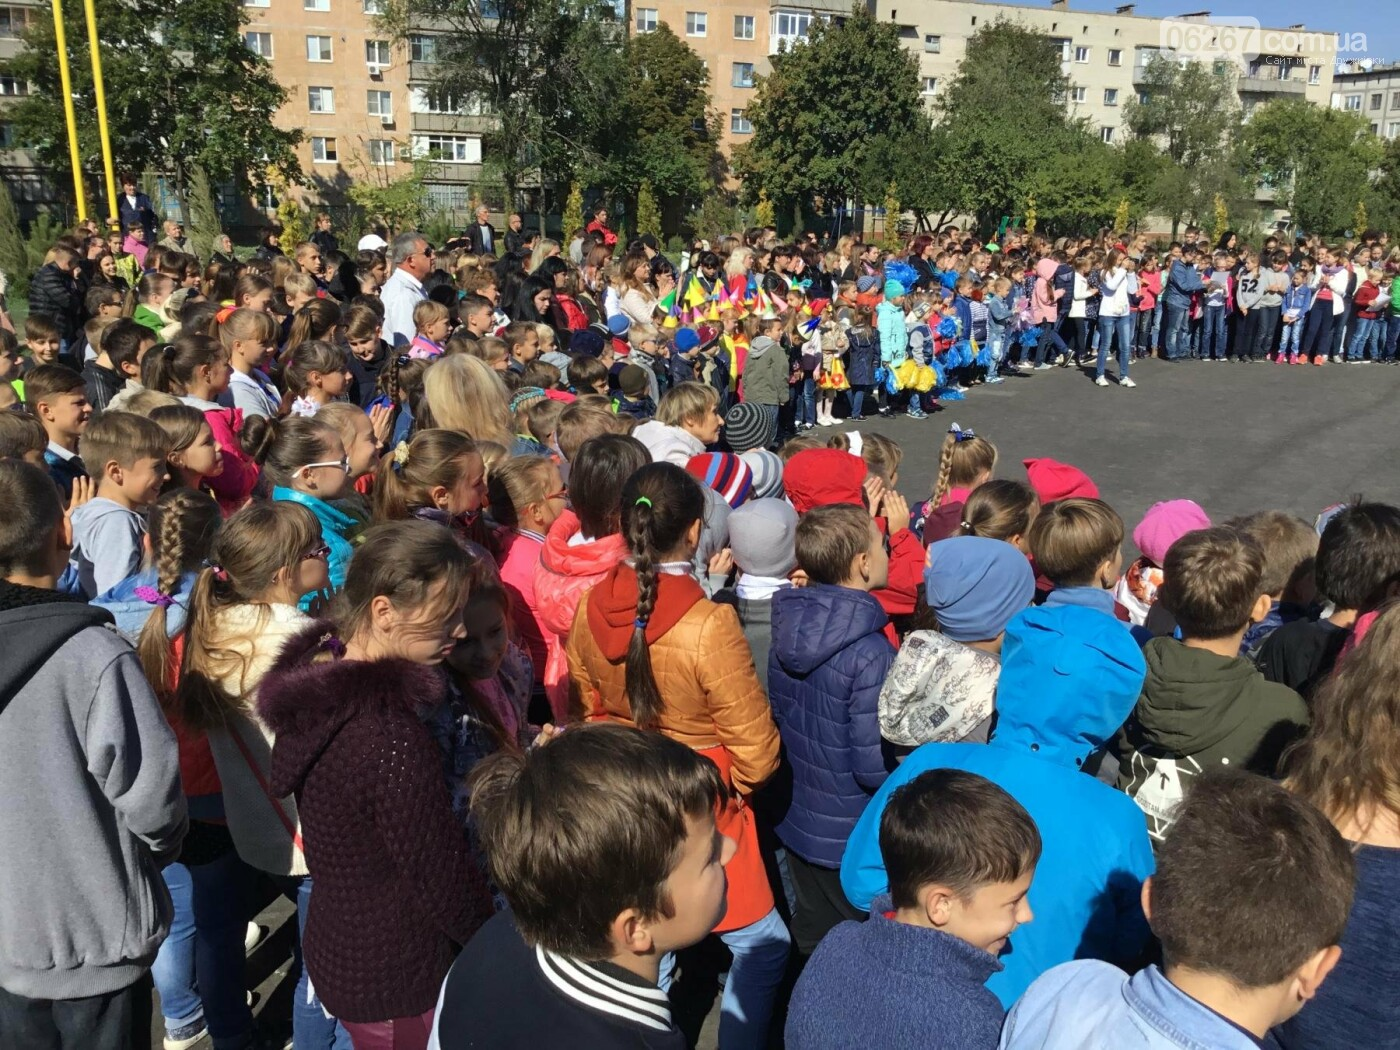 Школа танцев: День учителя в дружковской ОШ №17 отметили грандиозным флешмобом, фото-1